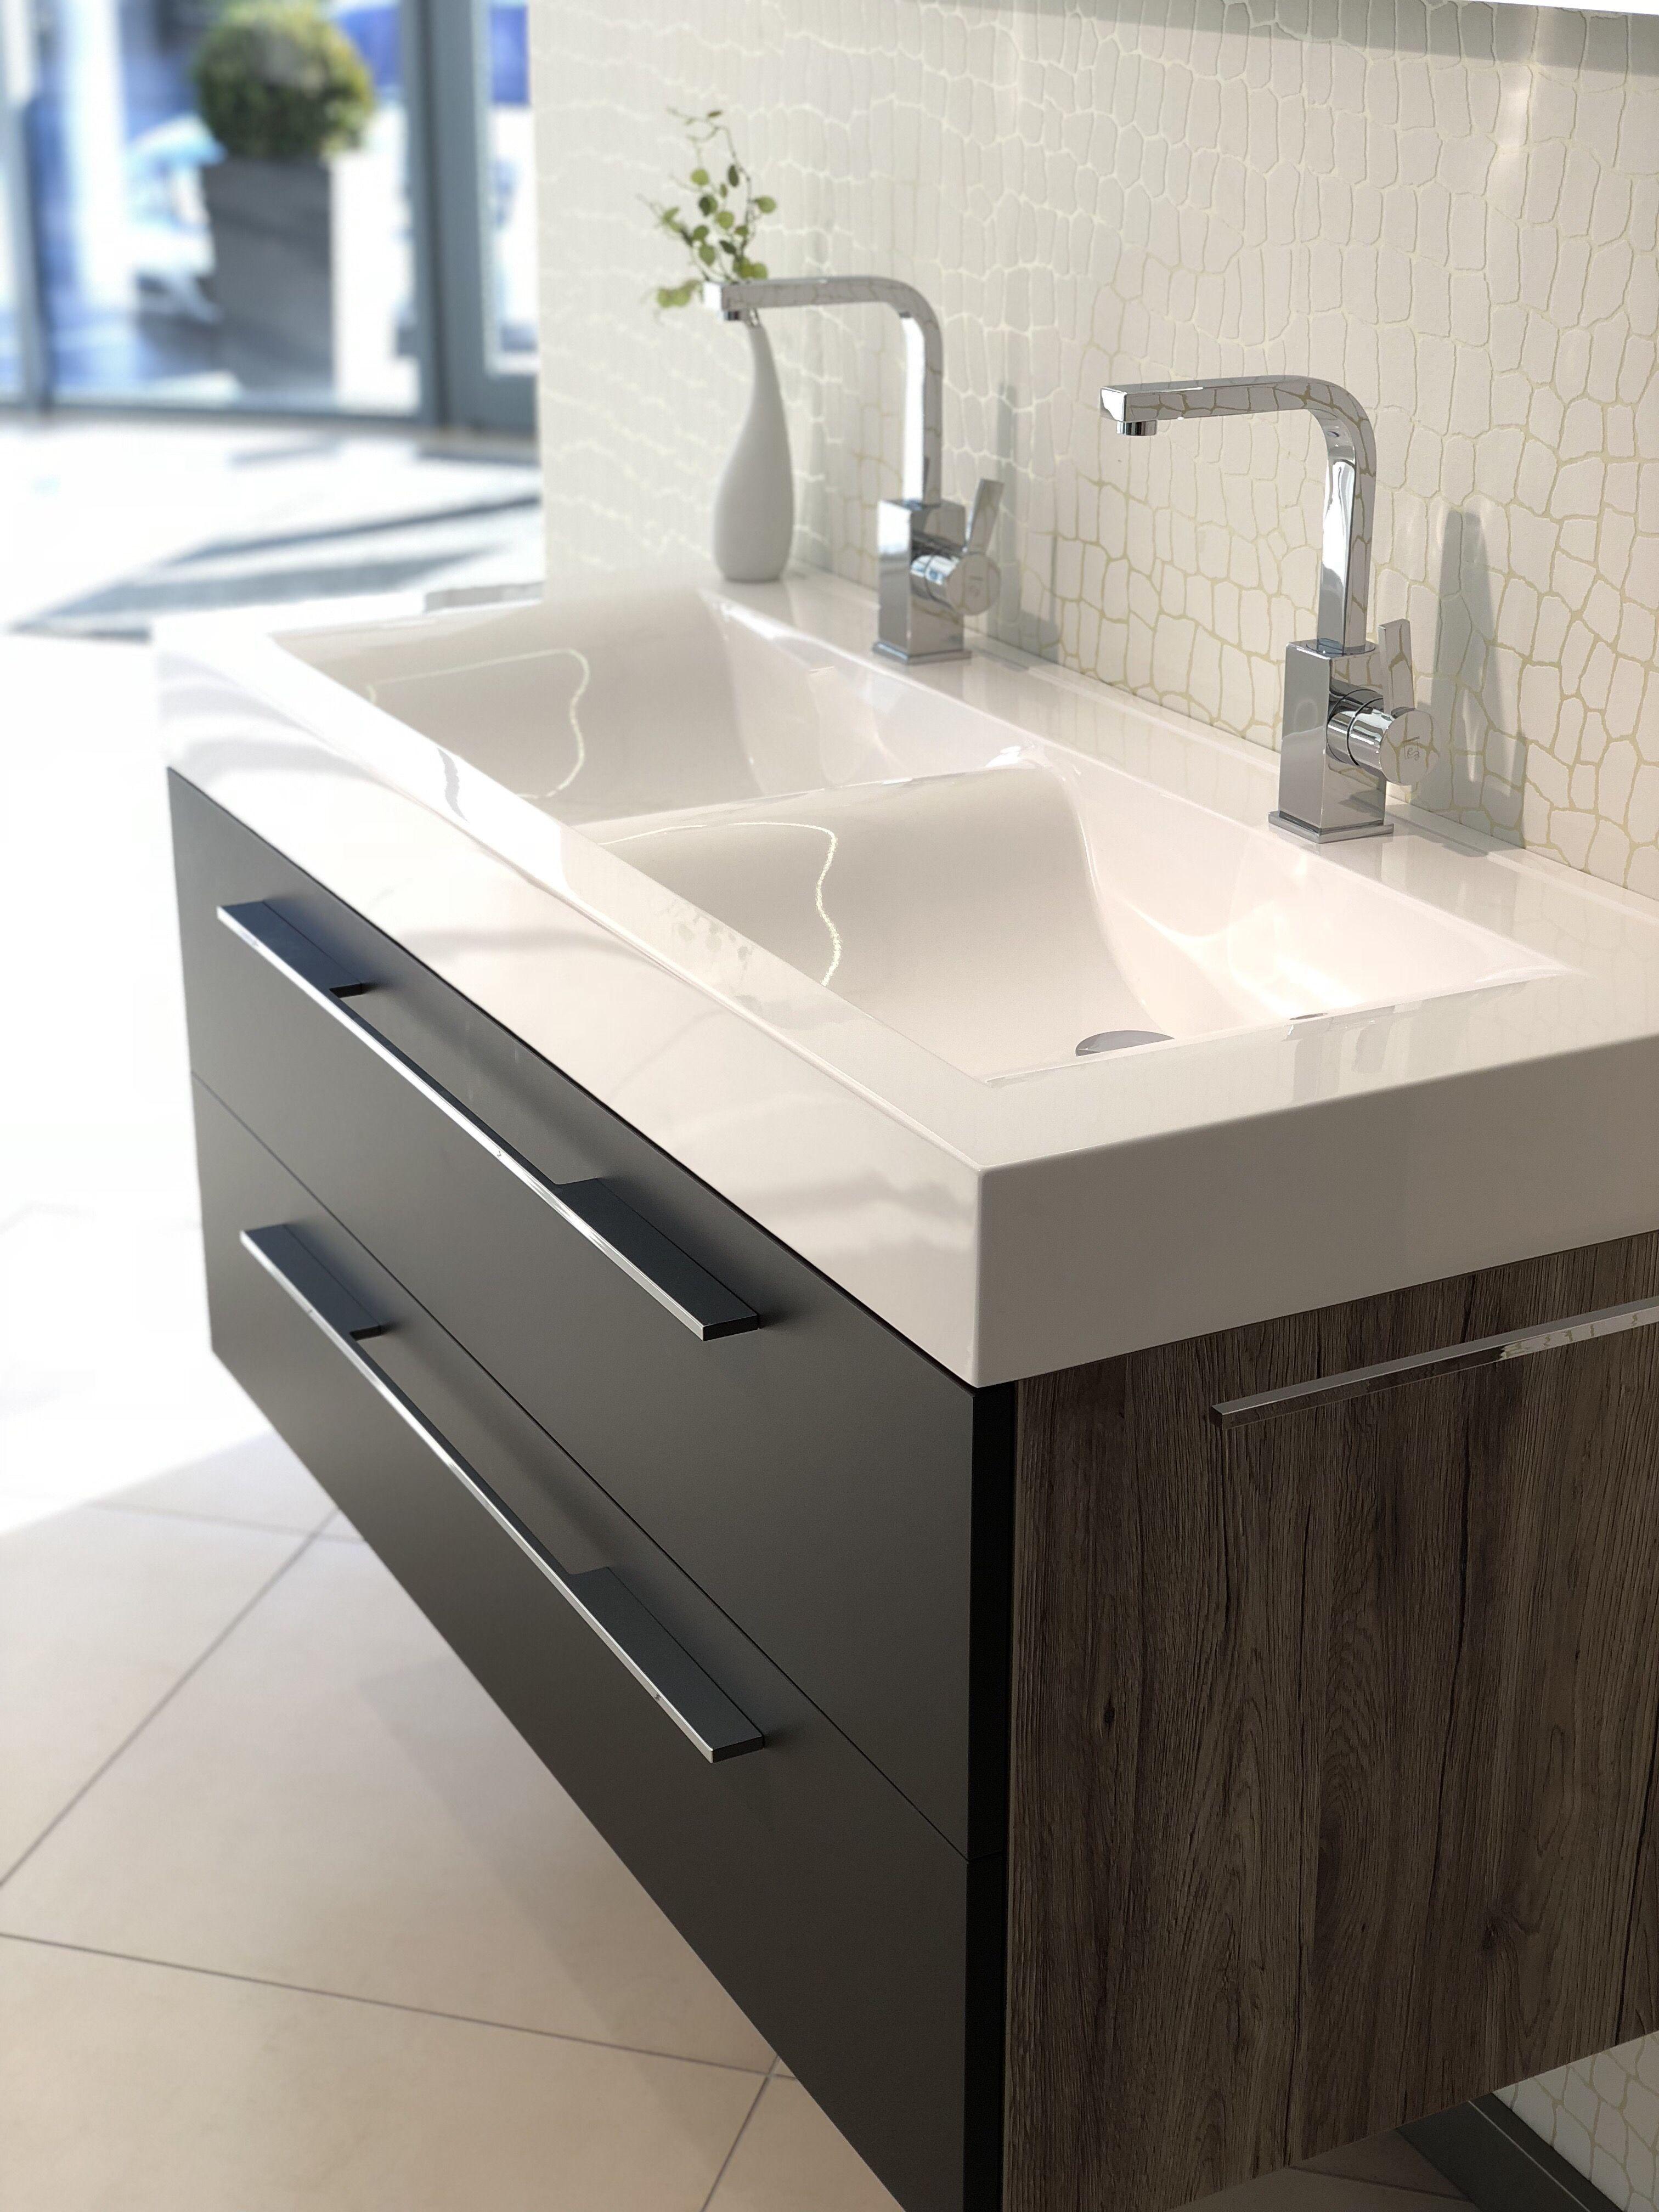 Unser Salerno 2 0 Waschtisch Mineralguss Doppelwaschtisch 120 Cm Farbe Weiss Alpin Mit Evermite Beschichtung Badezimmer Doppelwaschtisch Ablaufgarnitur